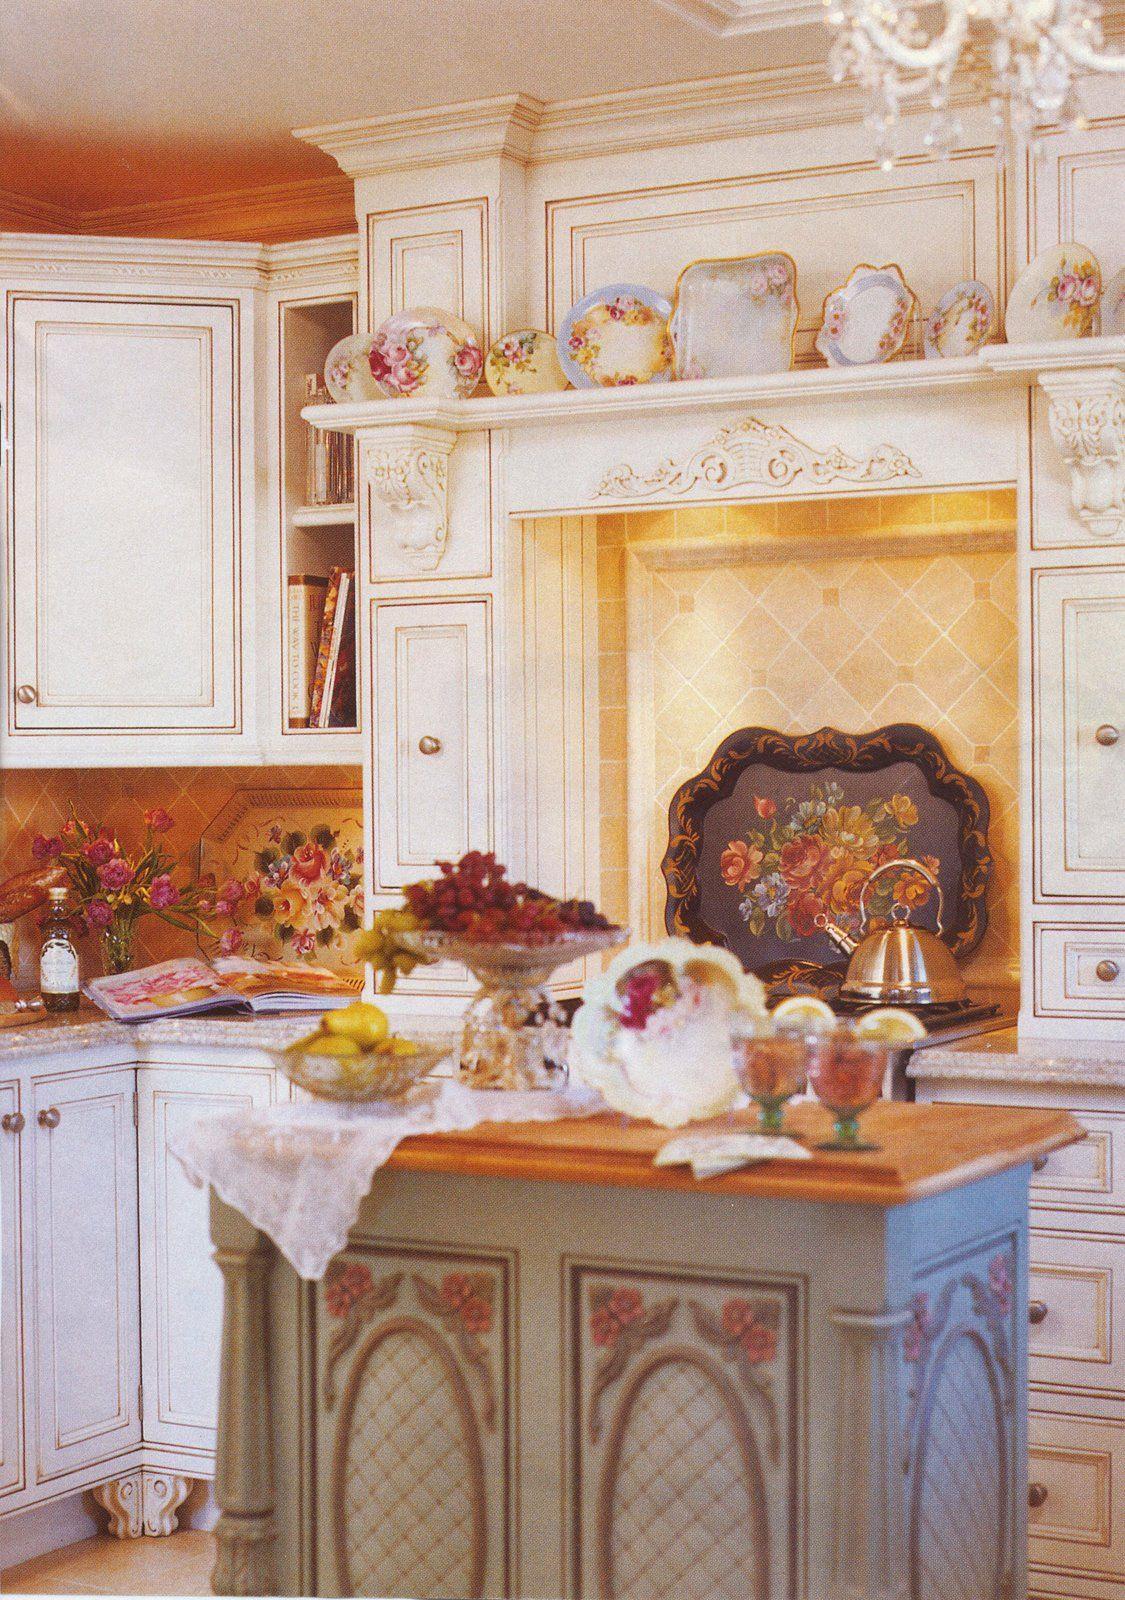 Inspiration Friday: A Beautiful Kitchen